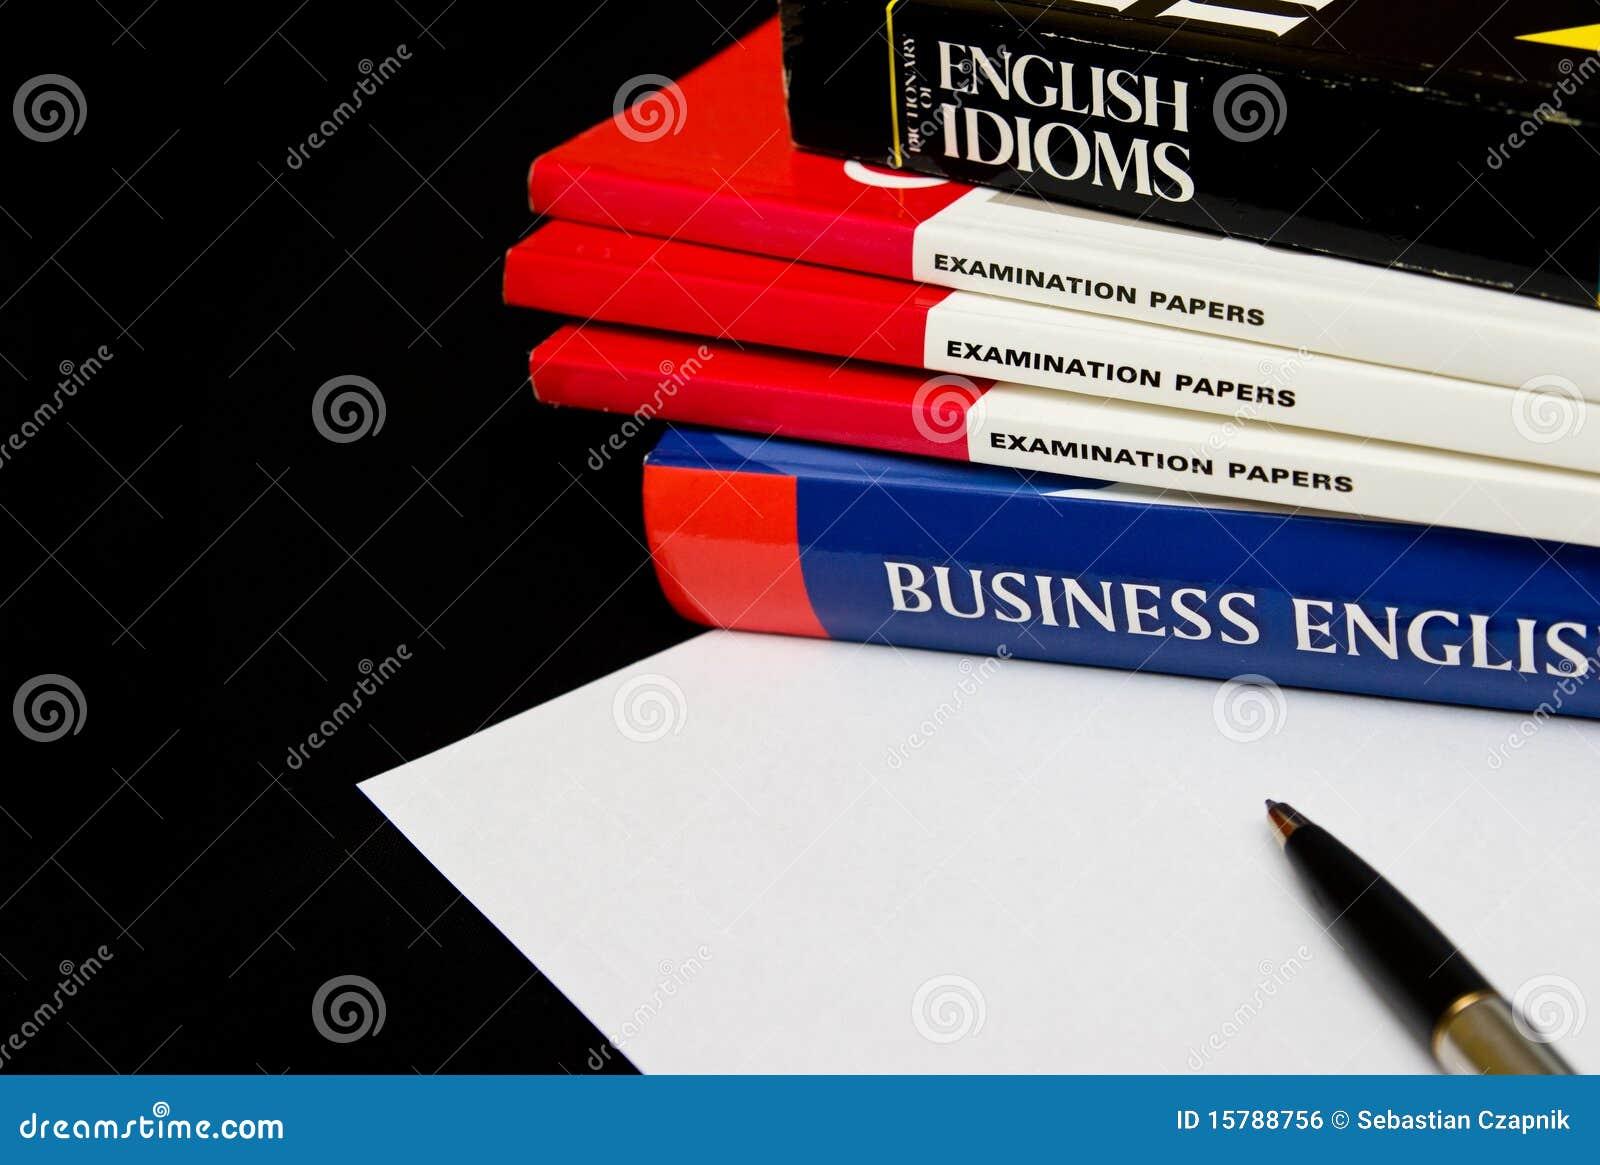 Aprendizaje de inglés